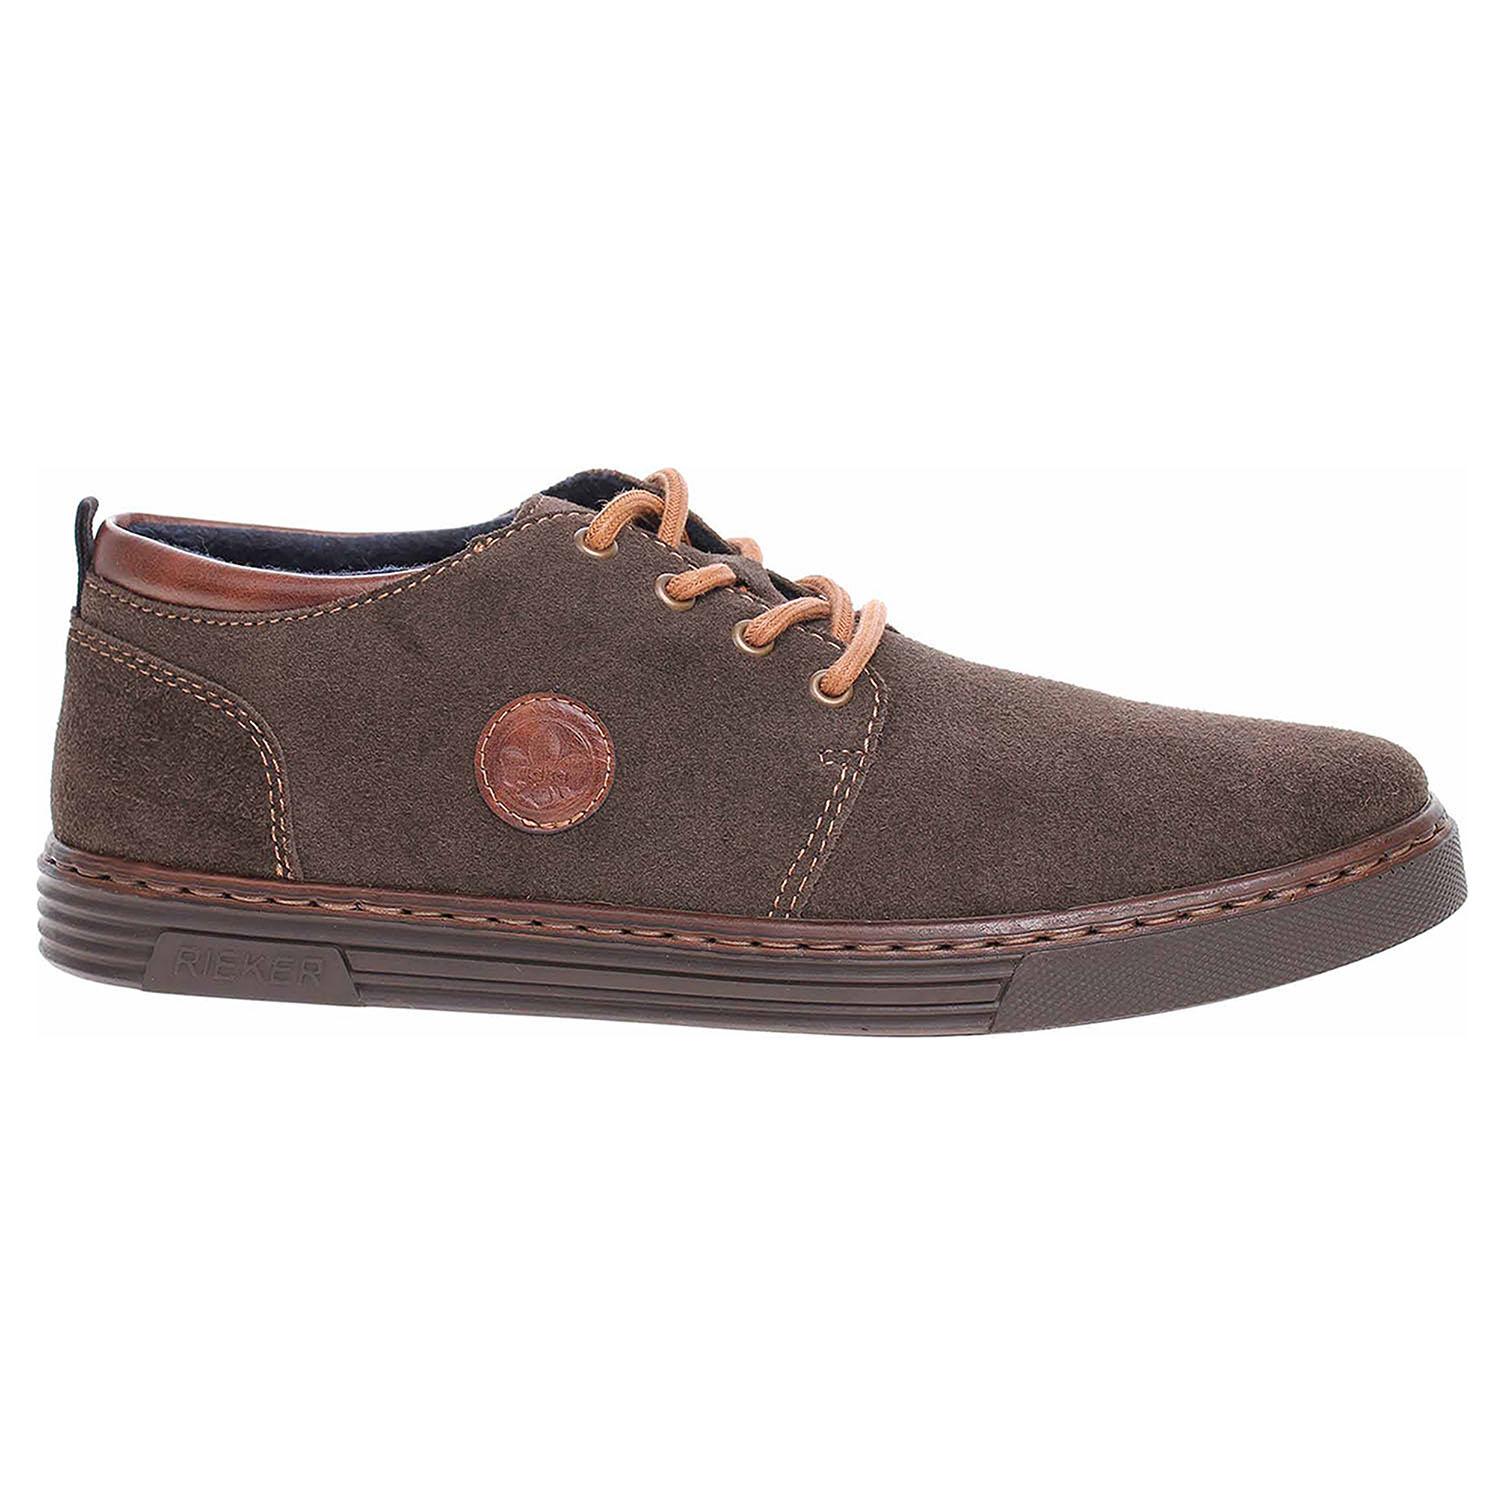 Pánská kotníková obuv Rieker B4941-26 braun B4941-26 41